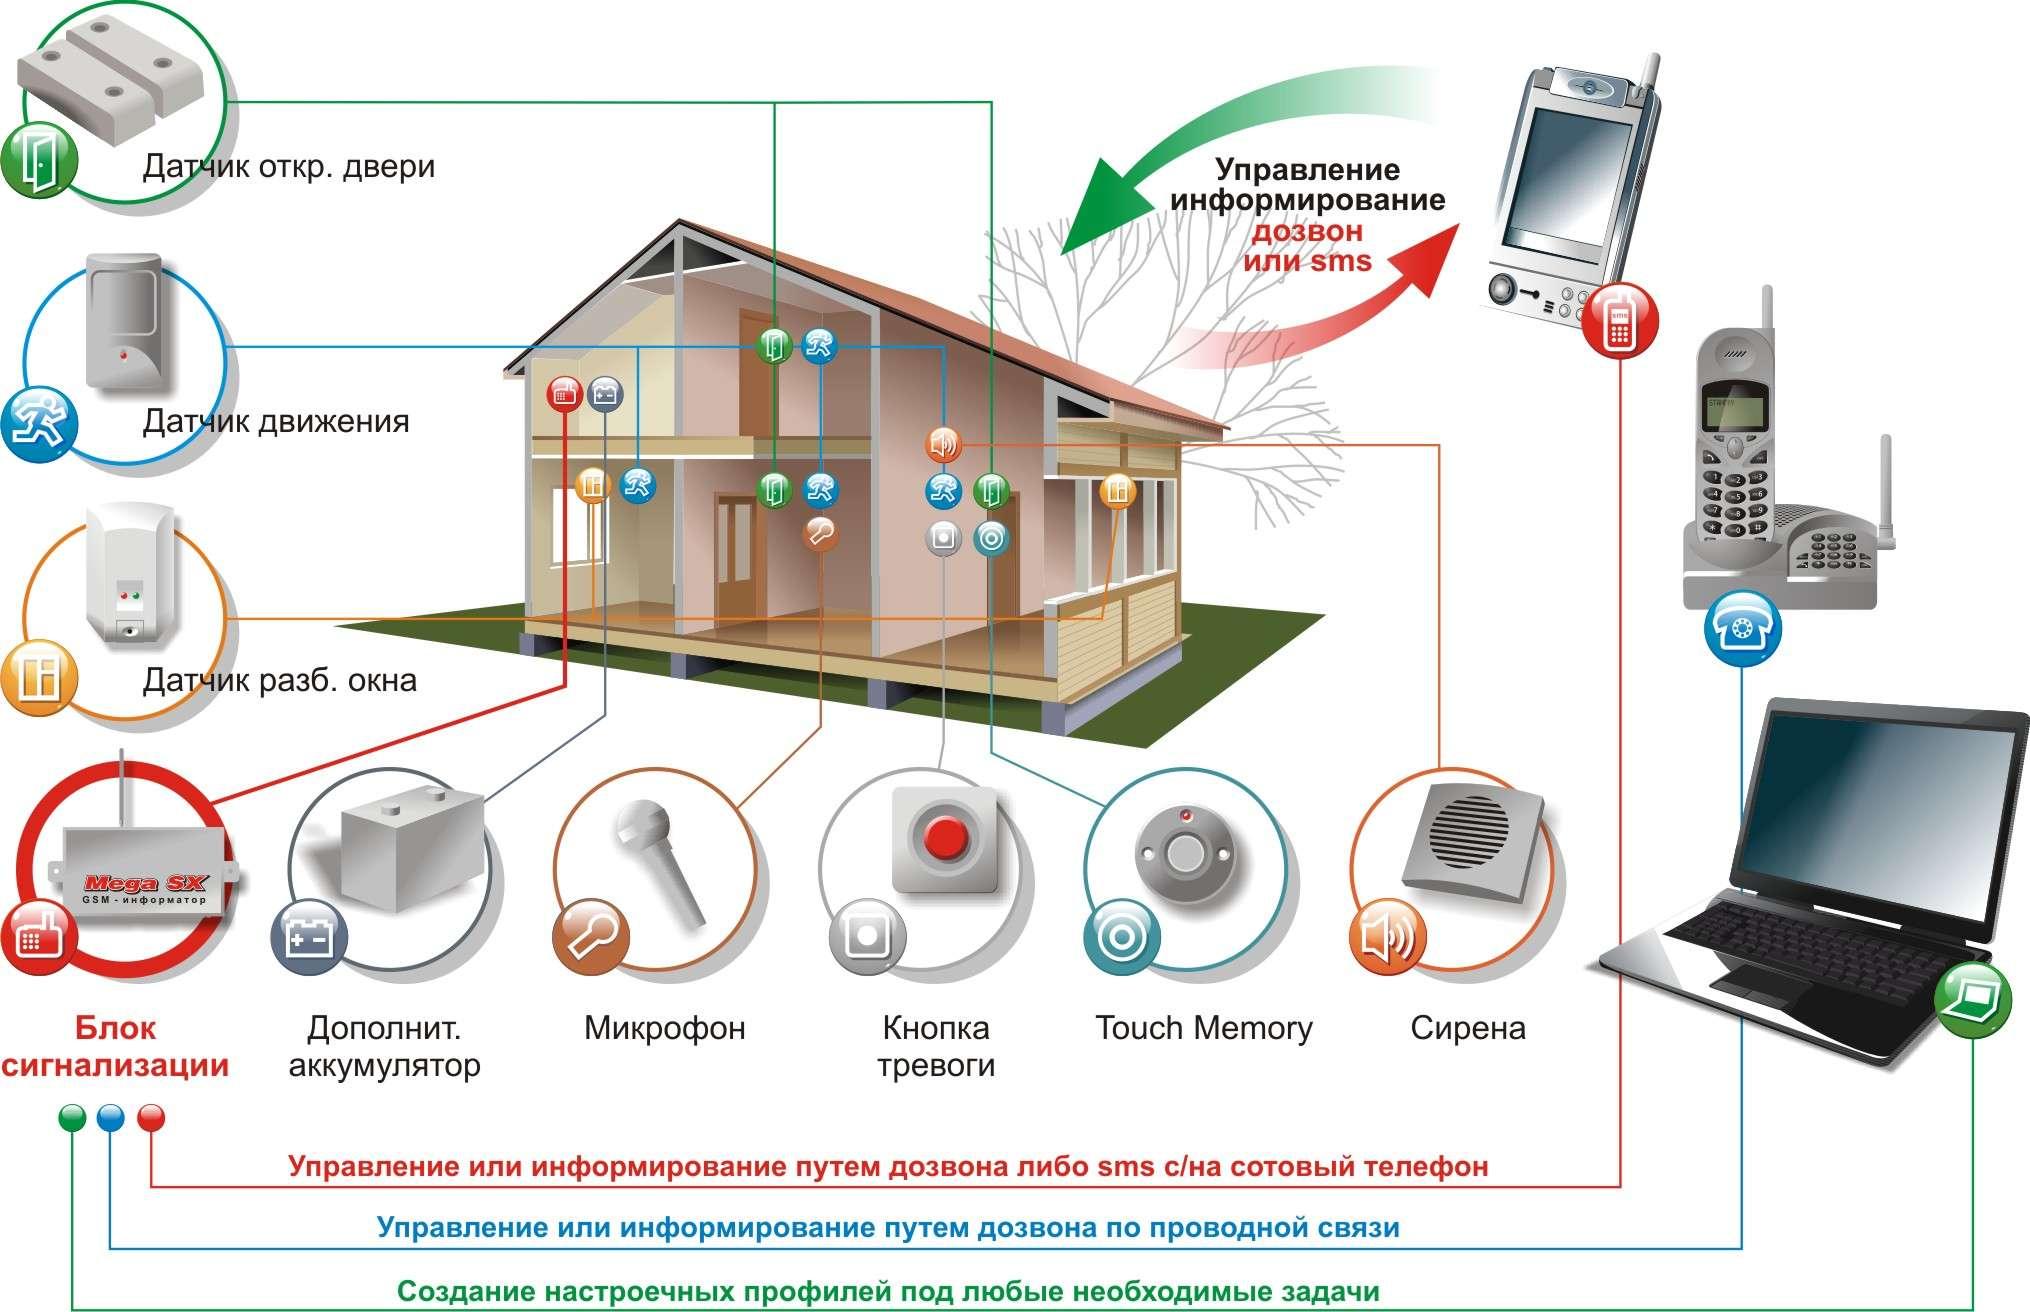 Схема работы GSM сигнализации, удаленное управление устройством, удаленный контроль объекта, устройства удаленного контроля